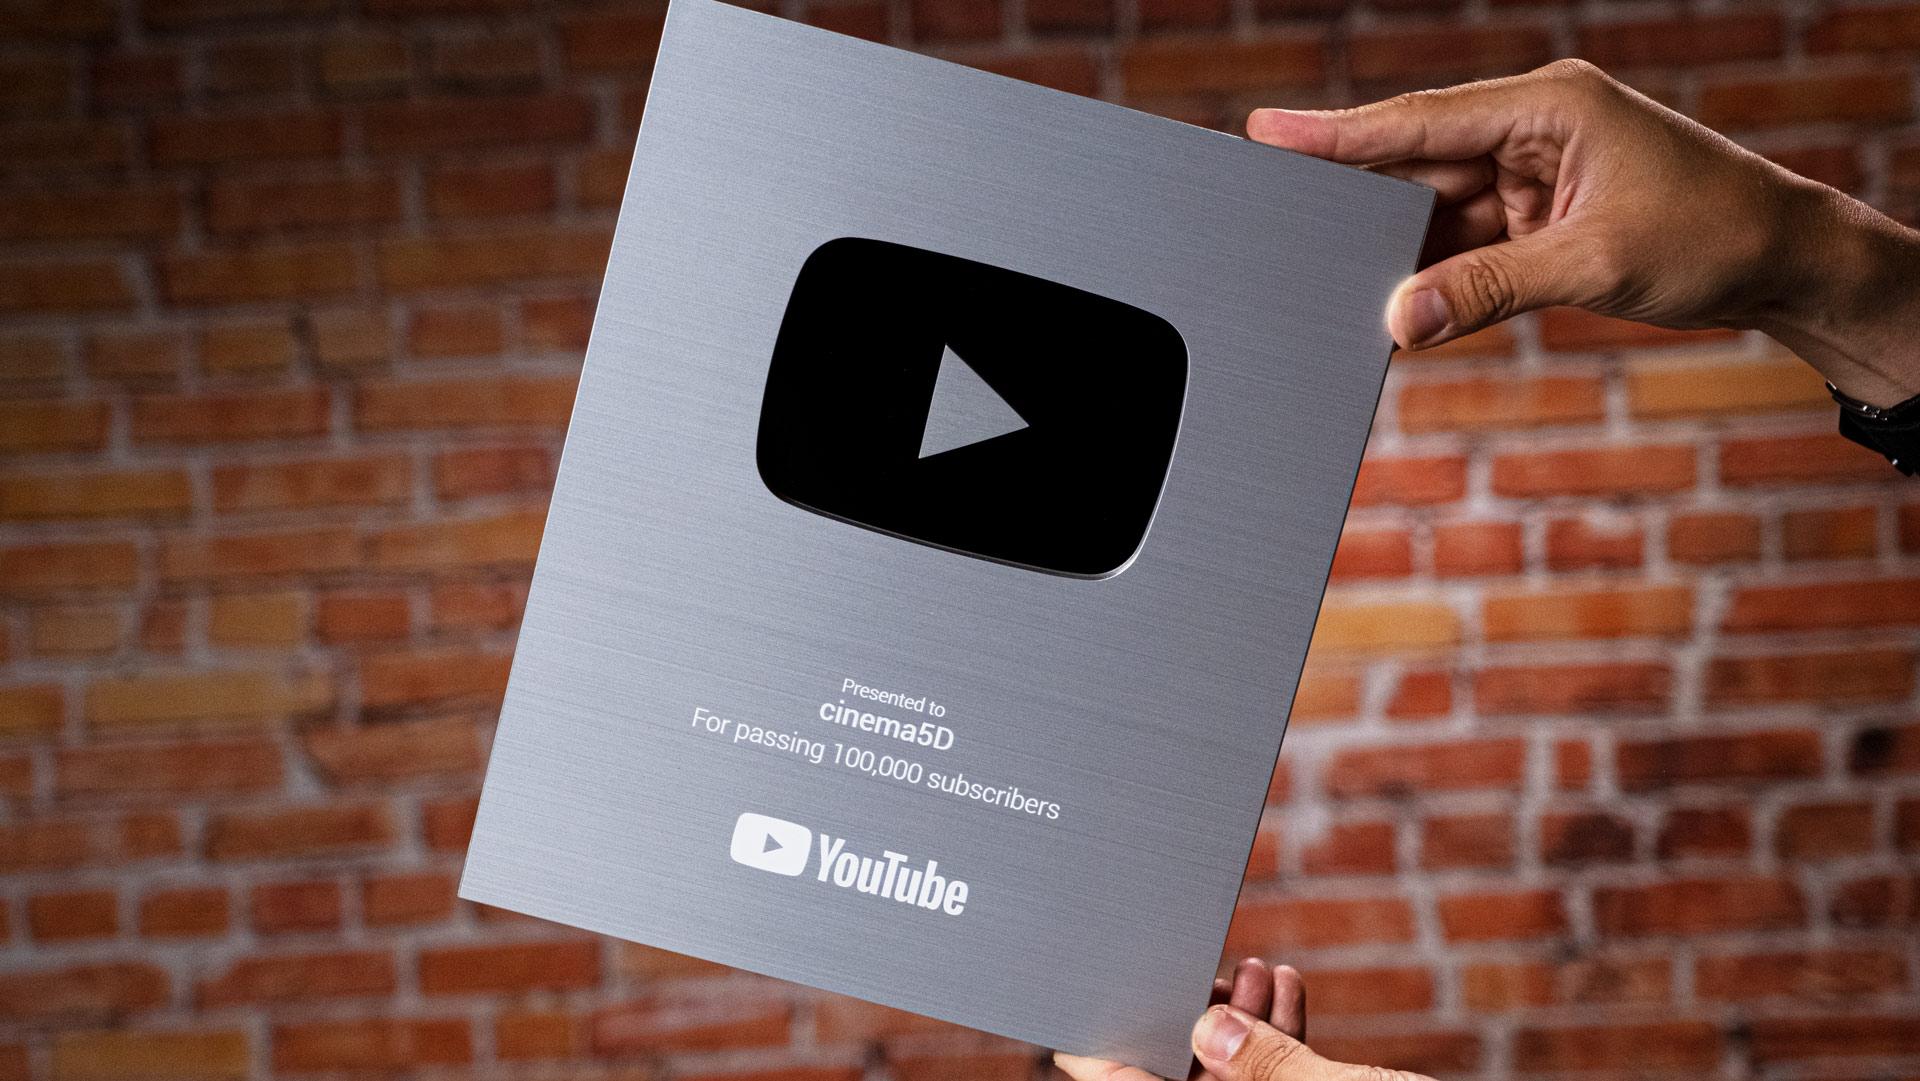 ¡Más de 100.000 suscriptores! Unboxing del Premio YouTube Silver Creator